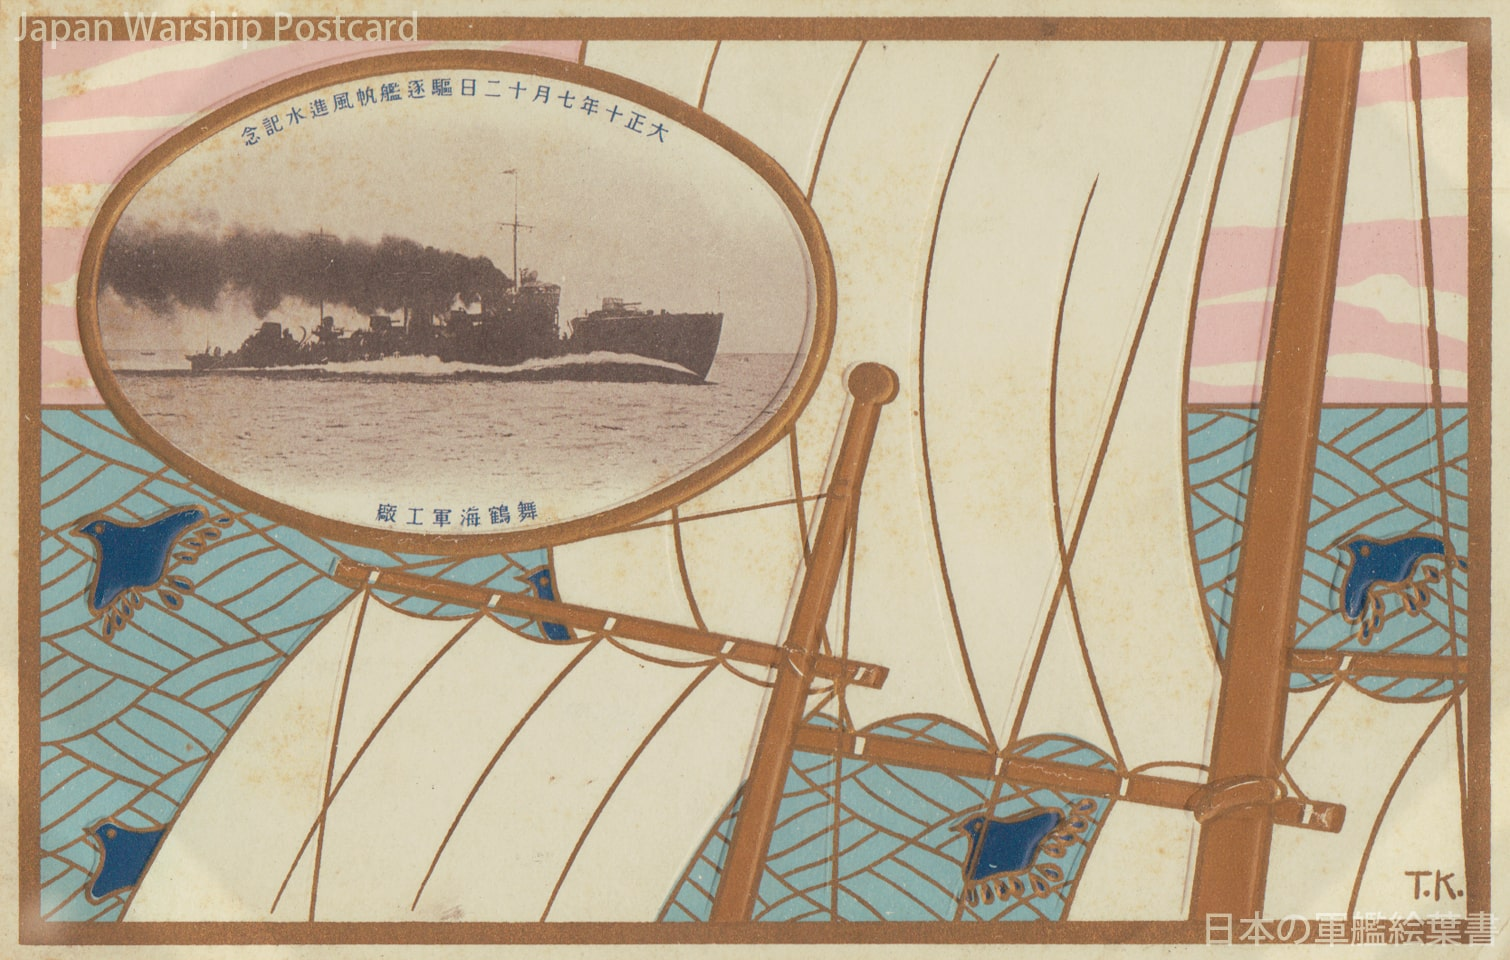 峯風型駆逐艦「帆風」